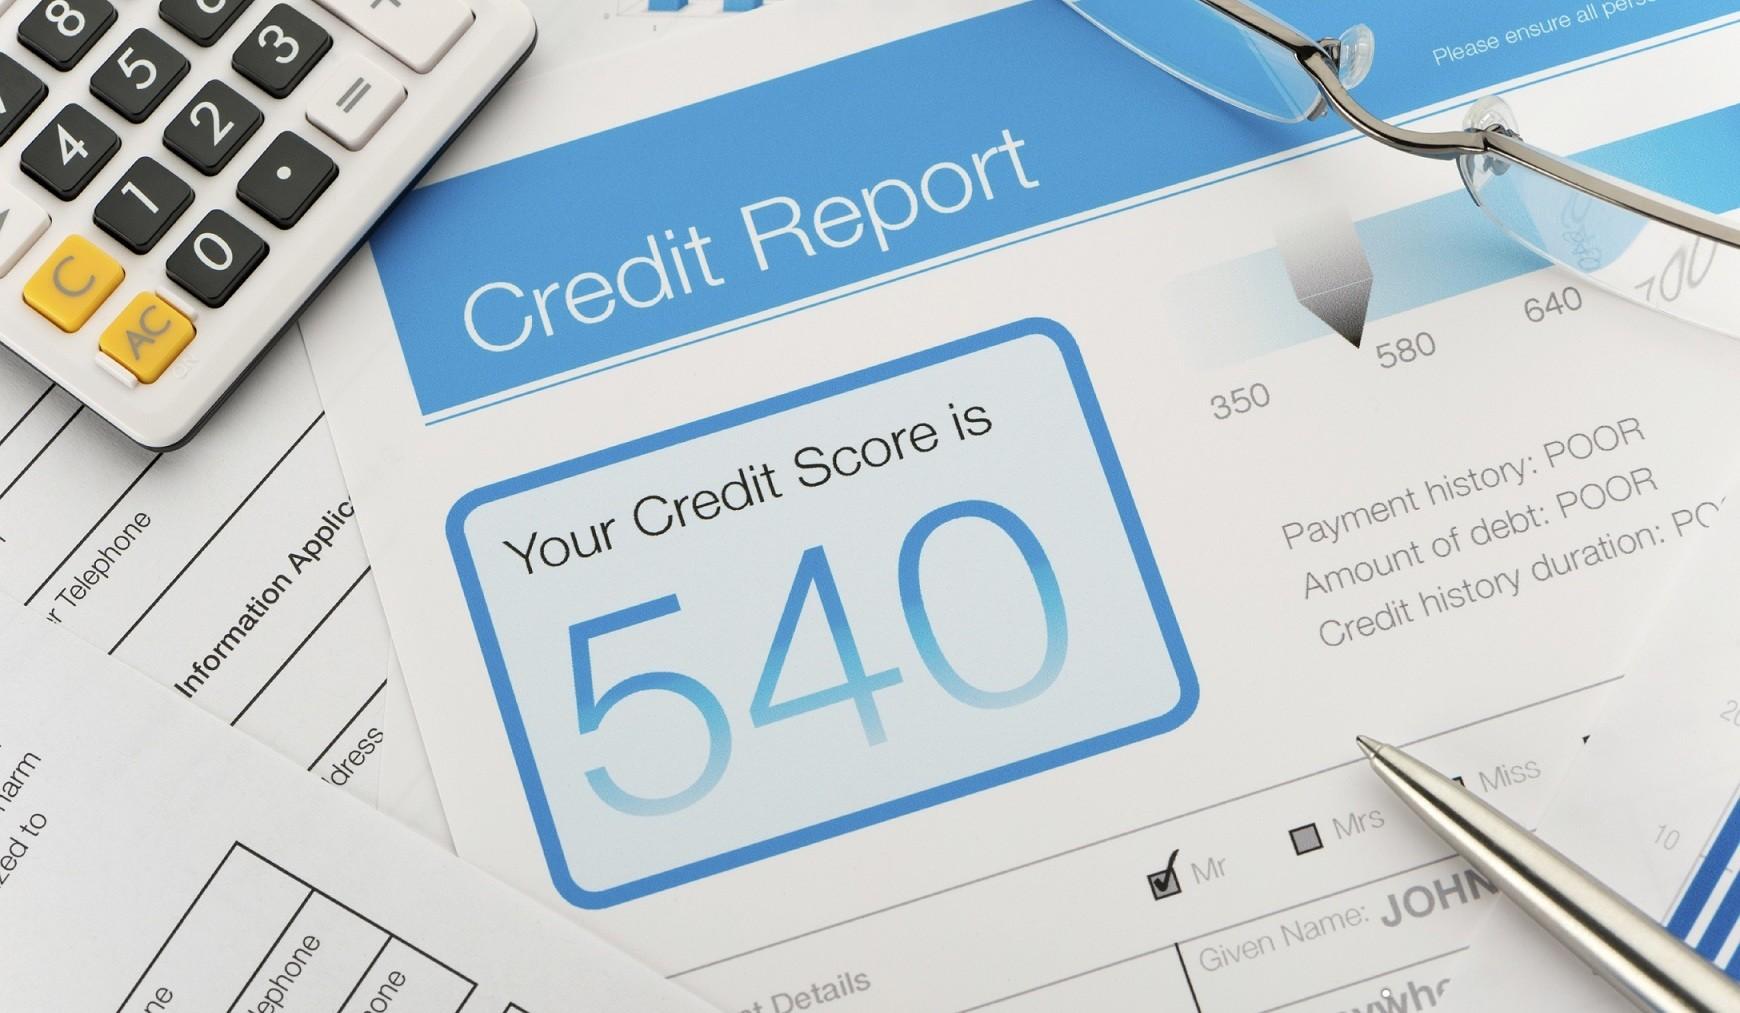 Don't Let Poor Credit Hold You Back!